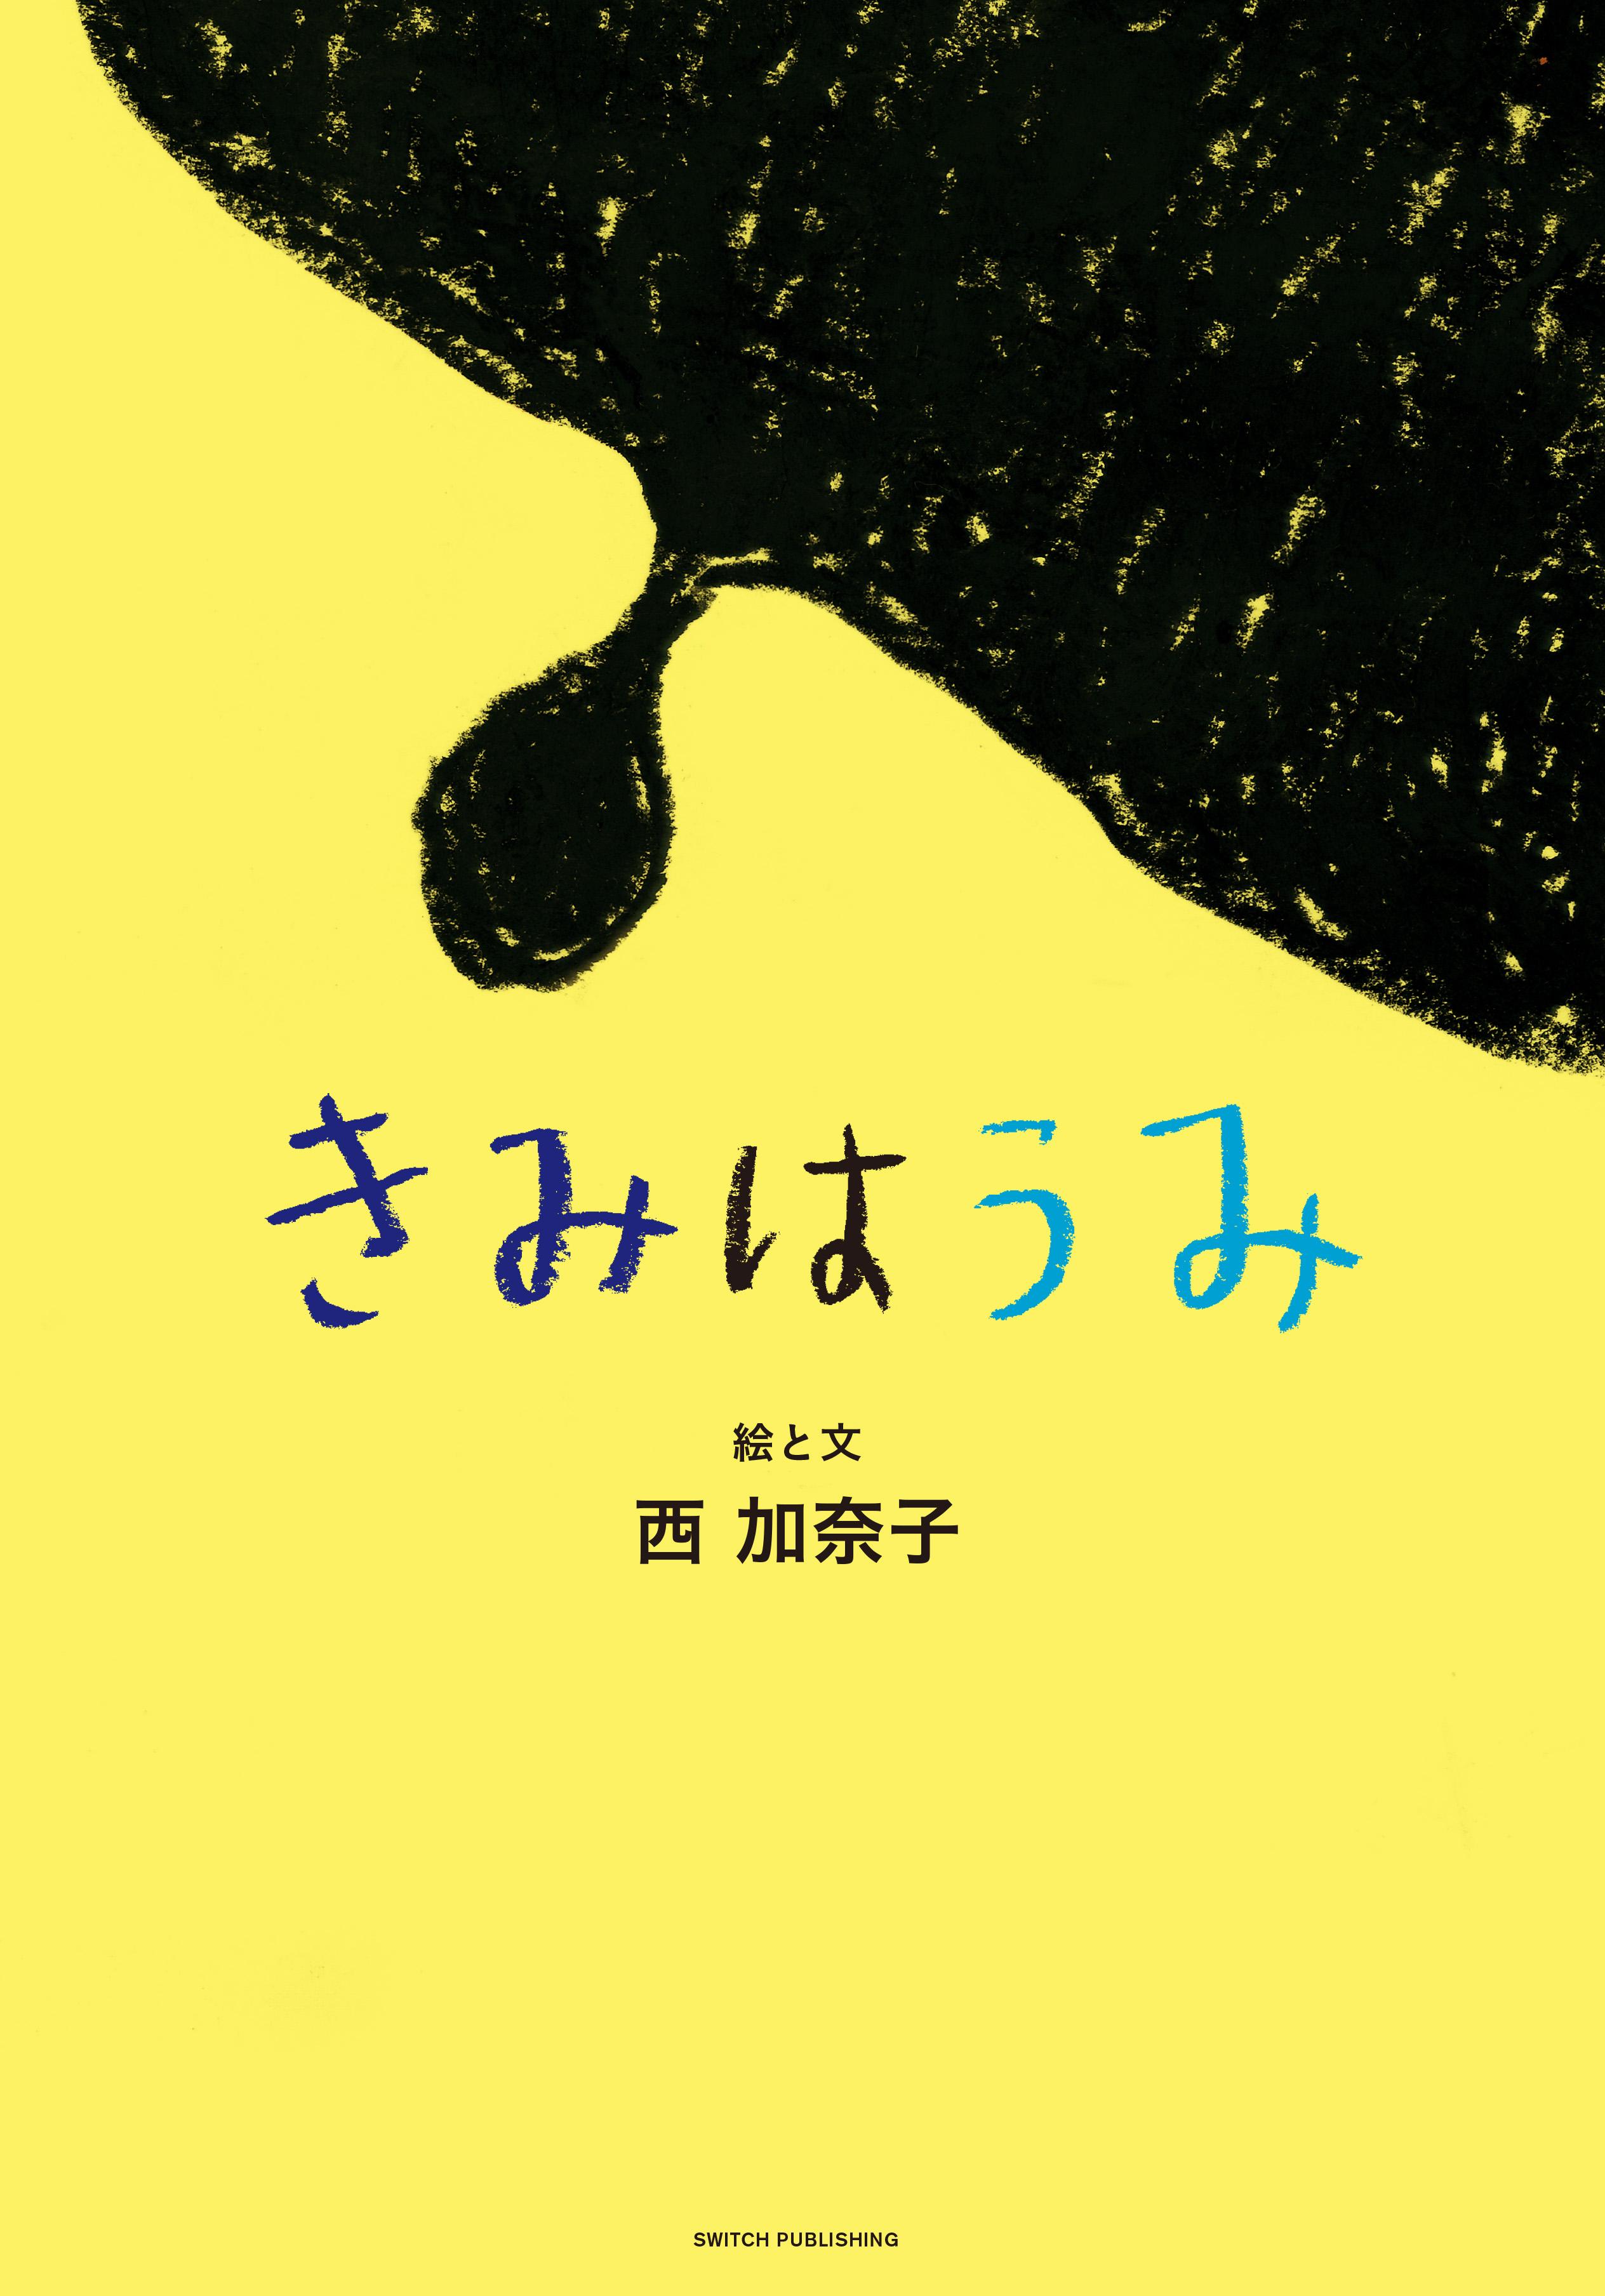 西加奈子『きみはうみ』